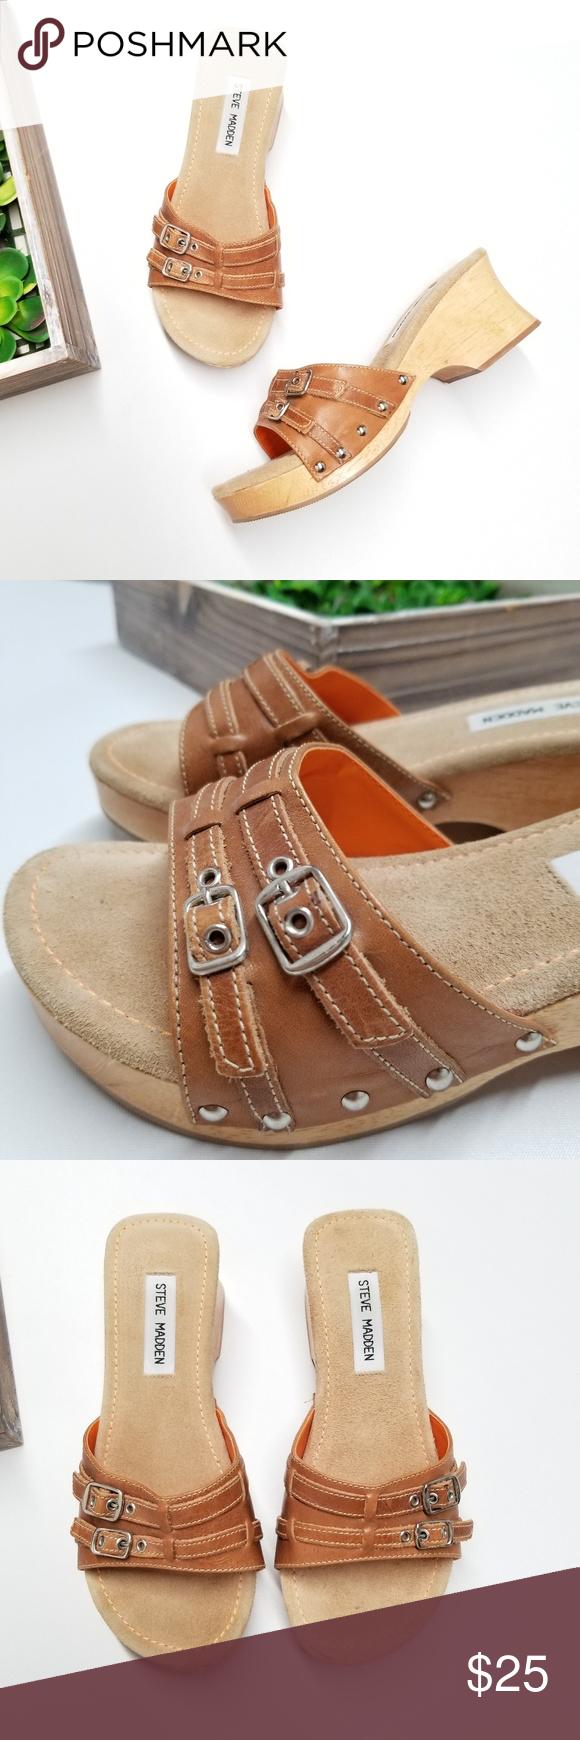 2d21751ce6c Steve Madden Brat Wooden heel sandals Steve Madden Brat Wooden heel ...